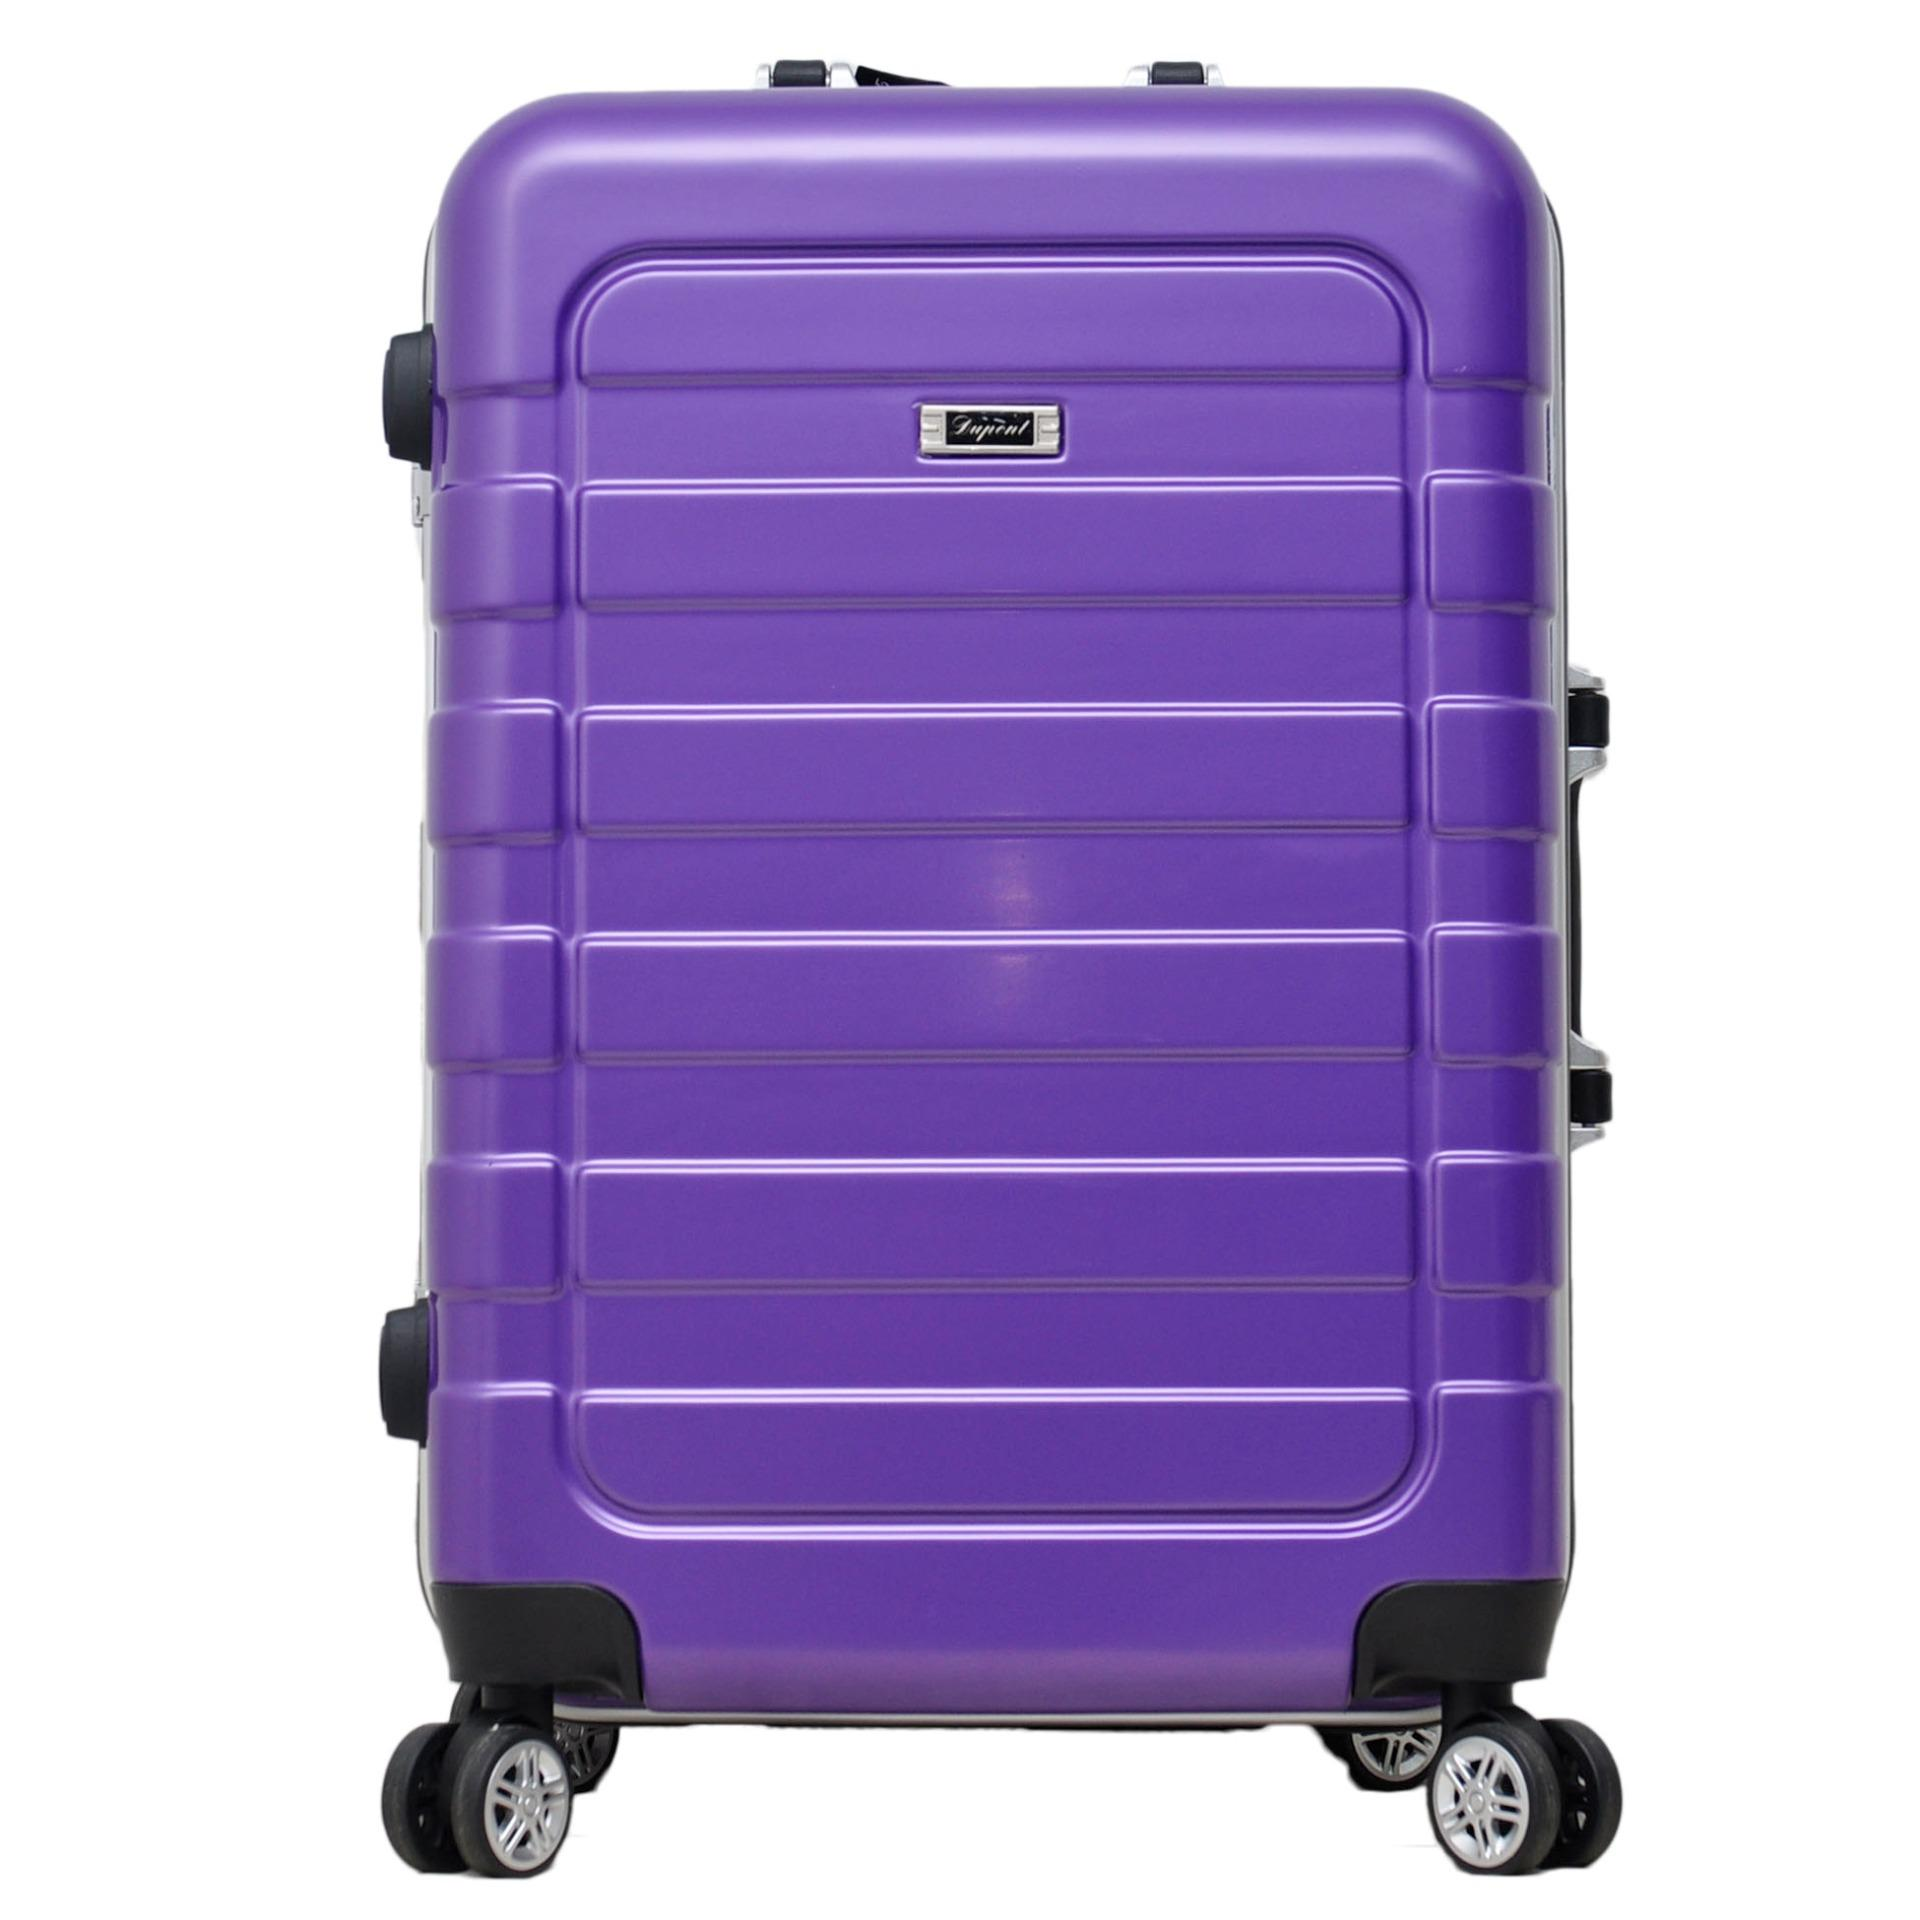 Harga Termurah Dupont Koper Hardcase No Zipper Size 24 Inch 8775 Ungu